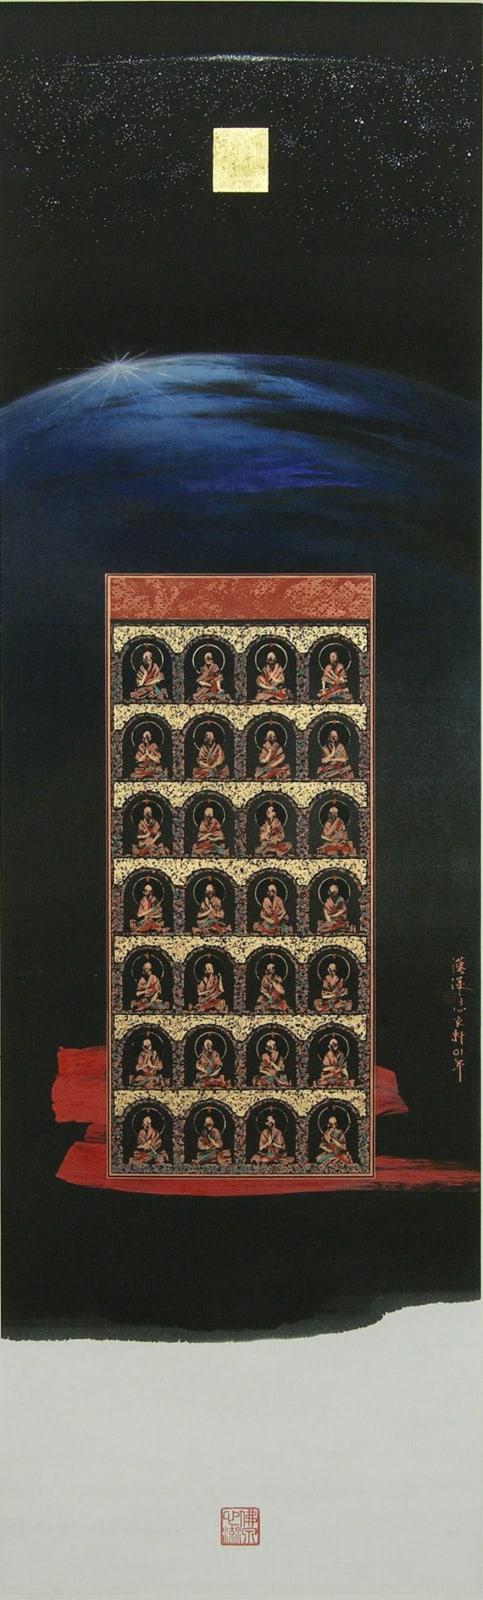 Kwok Hon Sum 郭漢深, Eternity 常在 , 2001